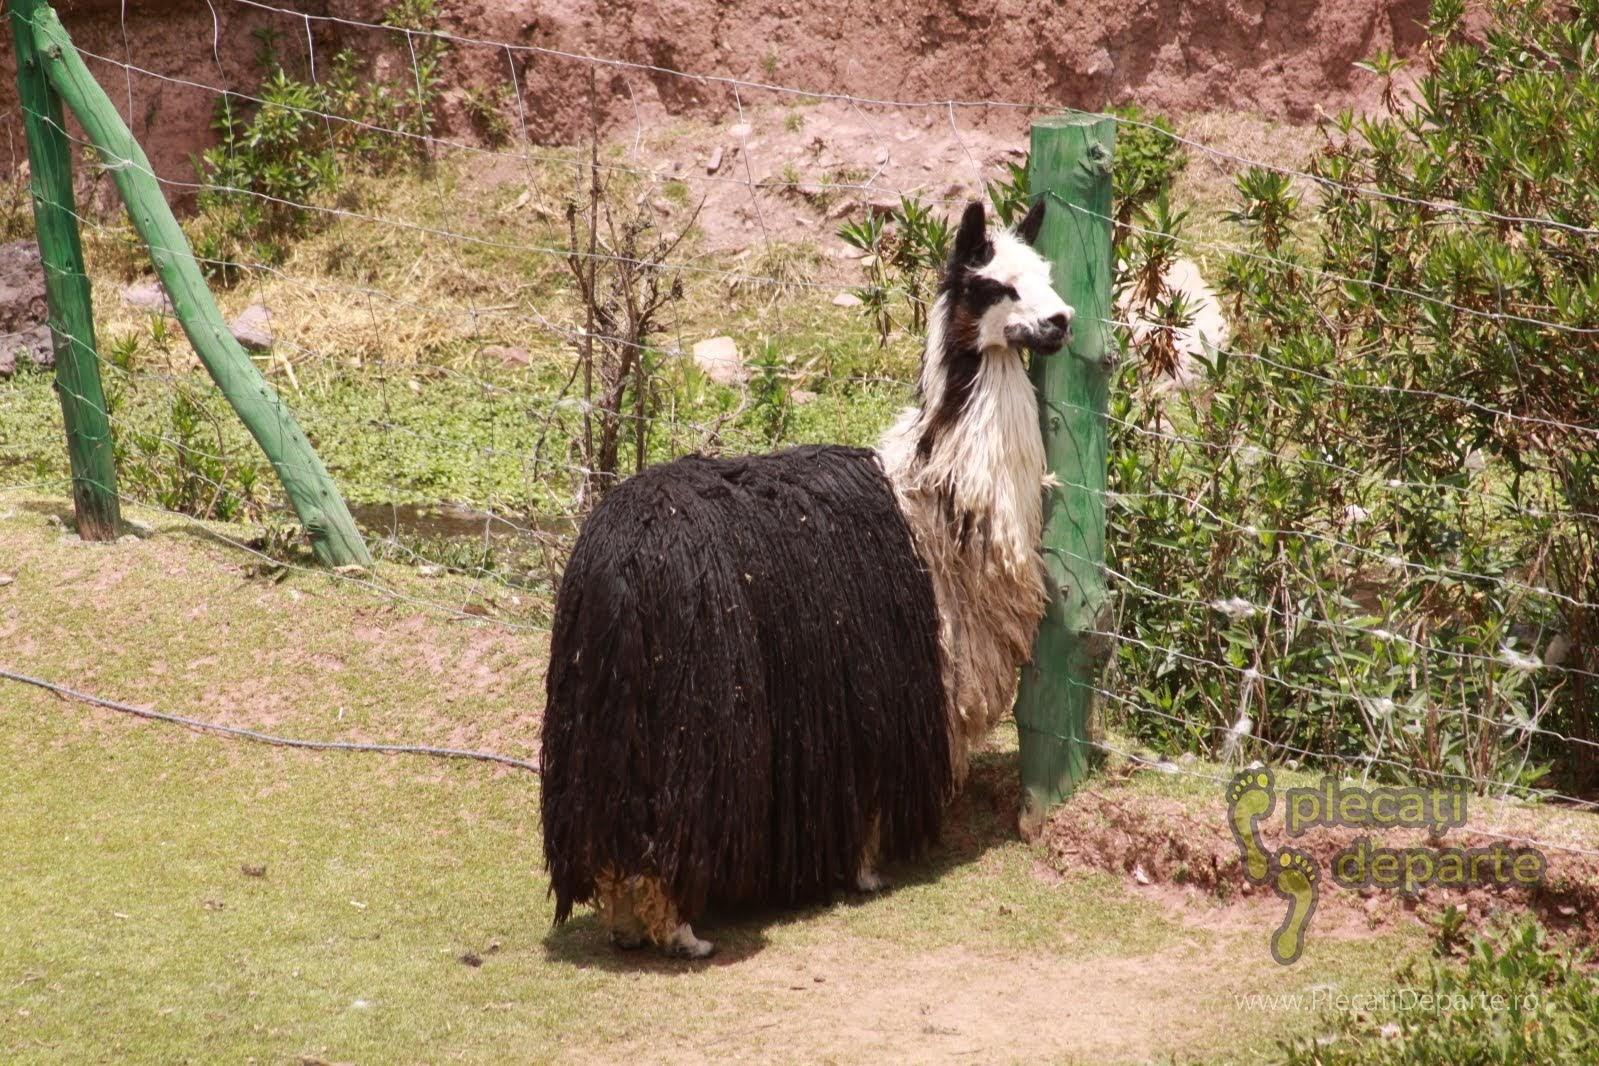 Llama cu multa lana, un animal tipic din America de Sud, la Sanctuarul animalelor din Cochahuasi, un obiectiv turistic din Valea Sacra, Peru